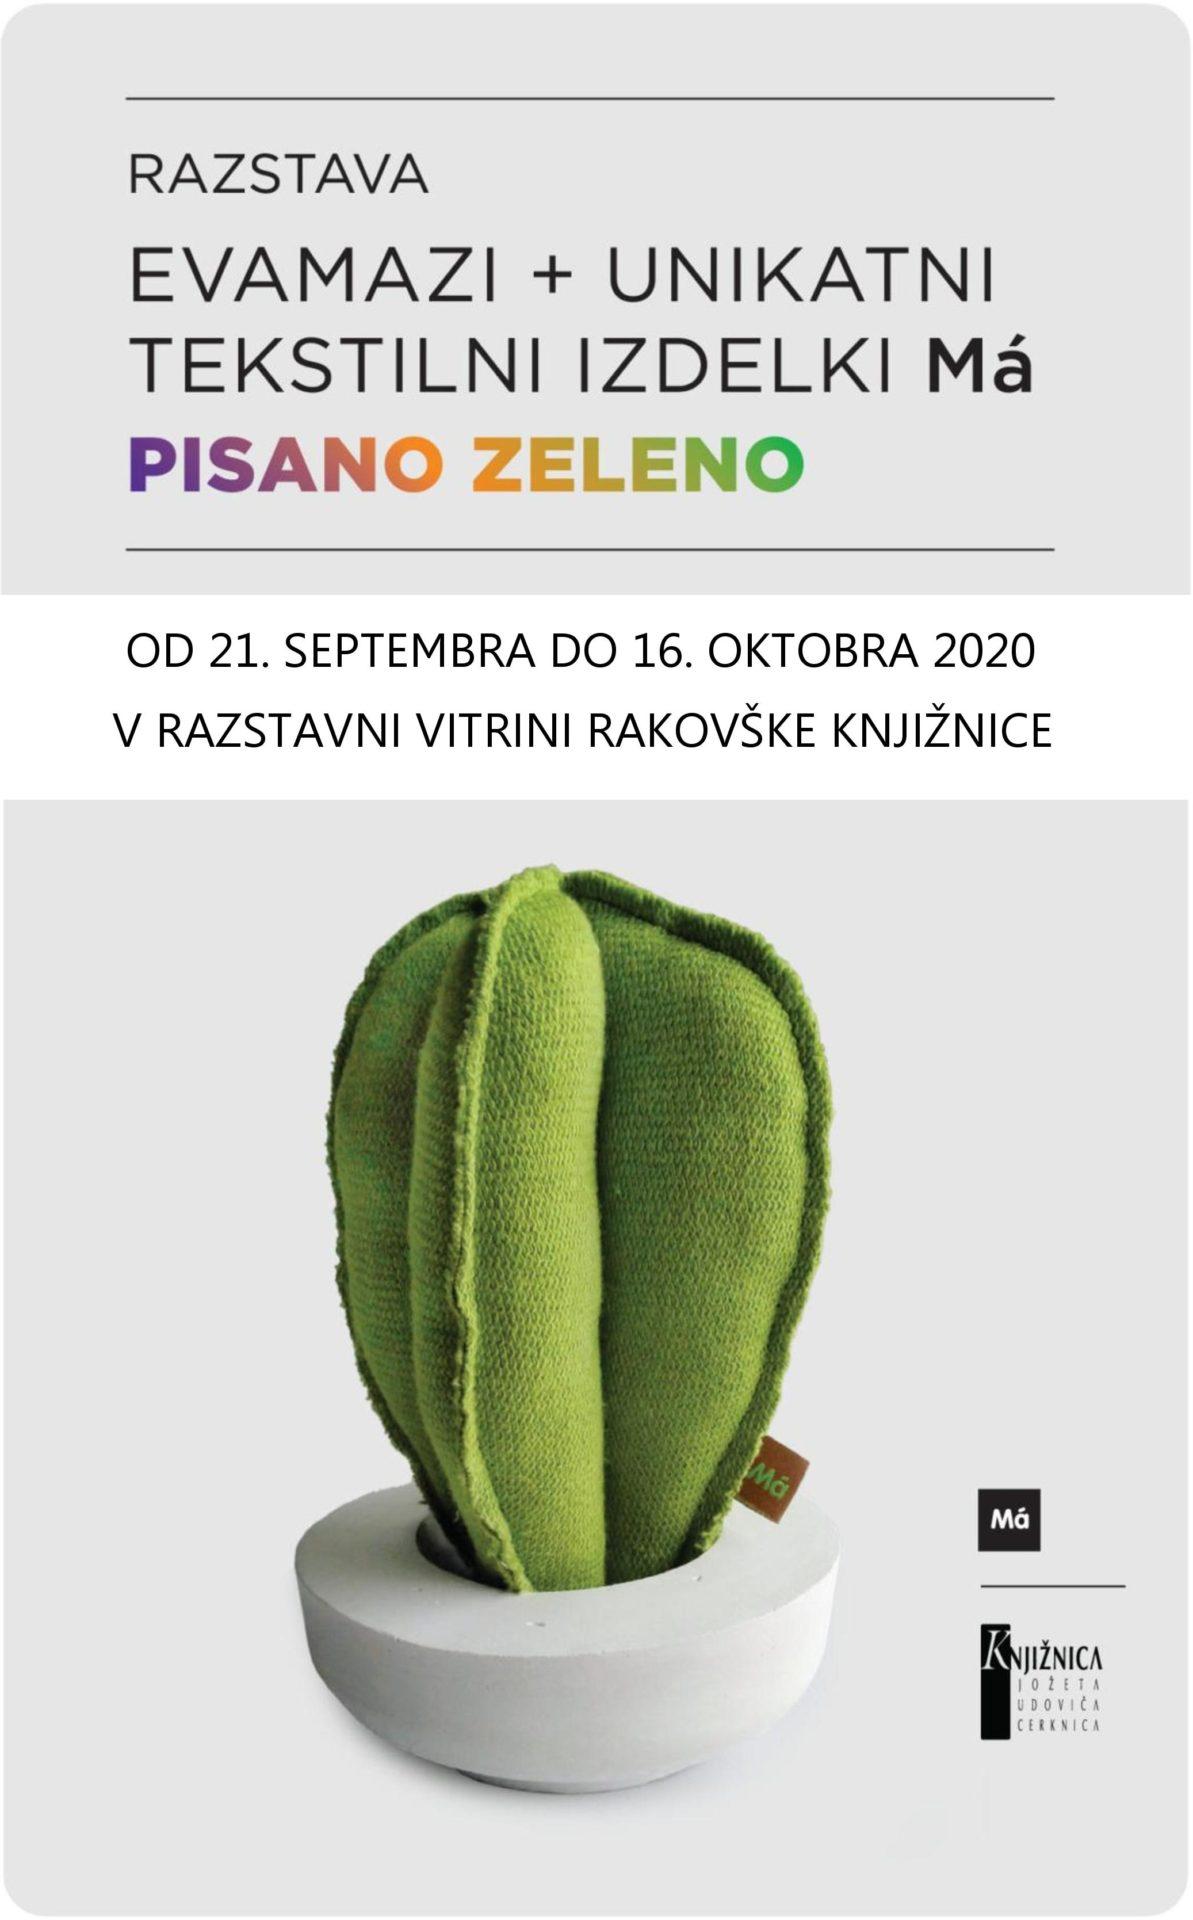 cover 1 - Pisano zeleno – razstava oblikovalke Eve Mazi